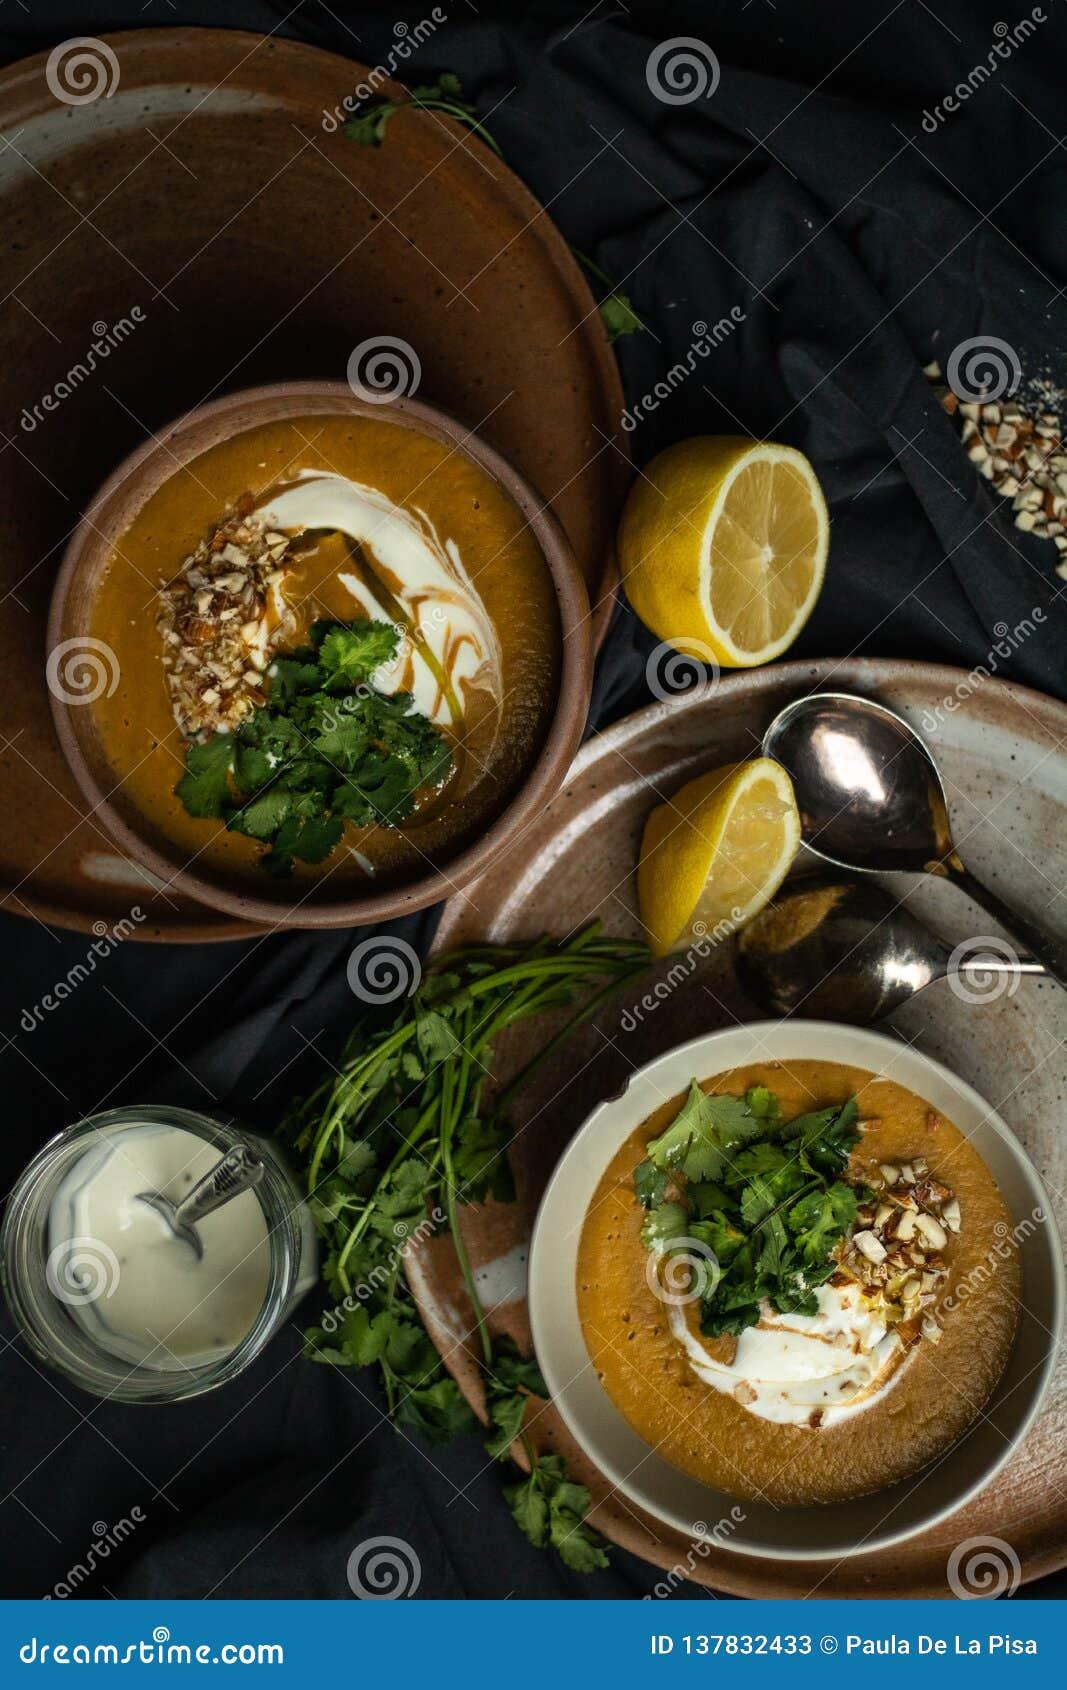 素食主义者在单色画的扁豆汤